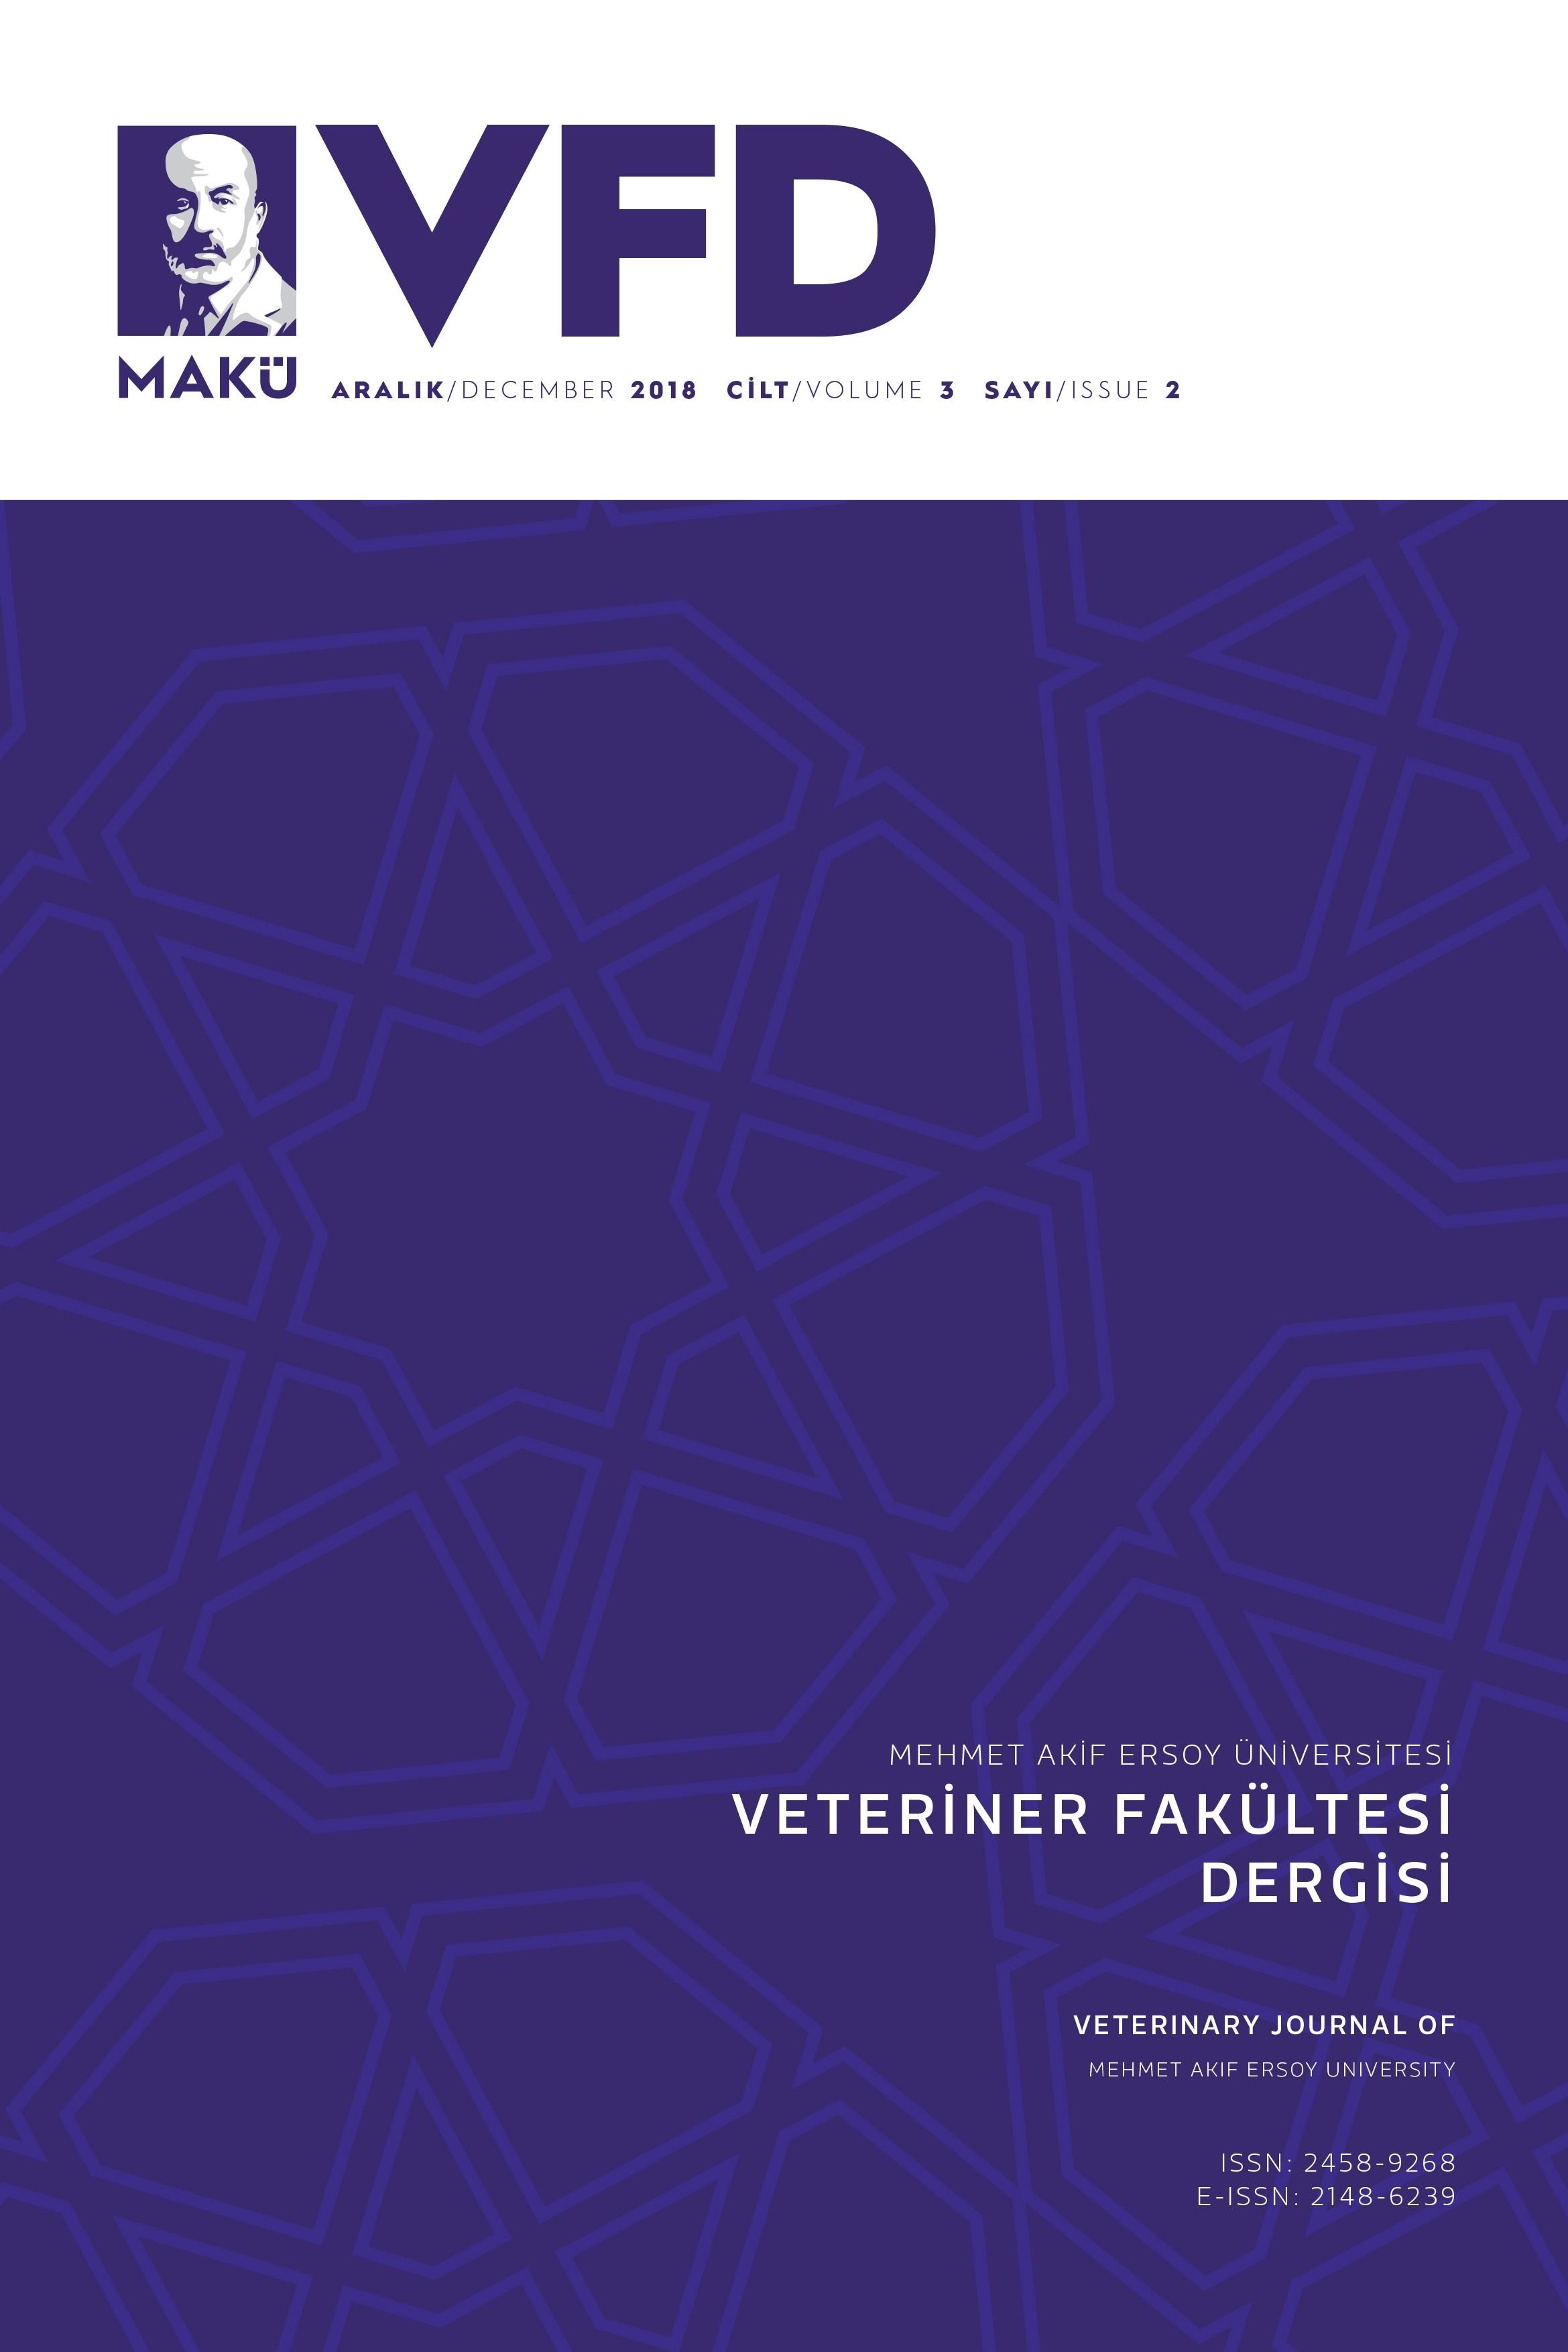 Mehmet Akif Ersoy Üniversitesi Veteriner Fakültesi Dergisi